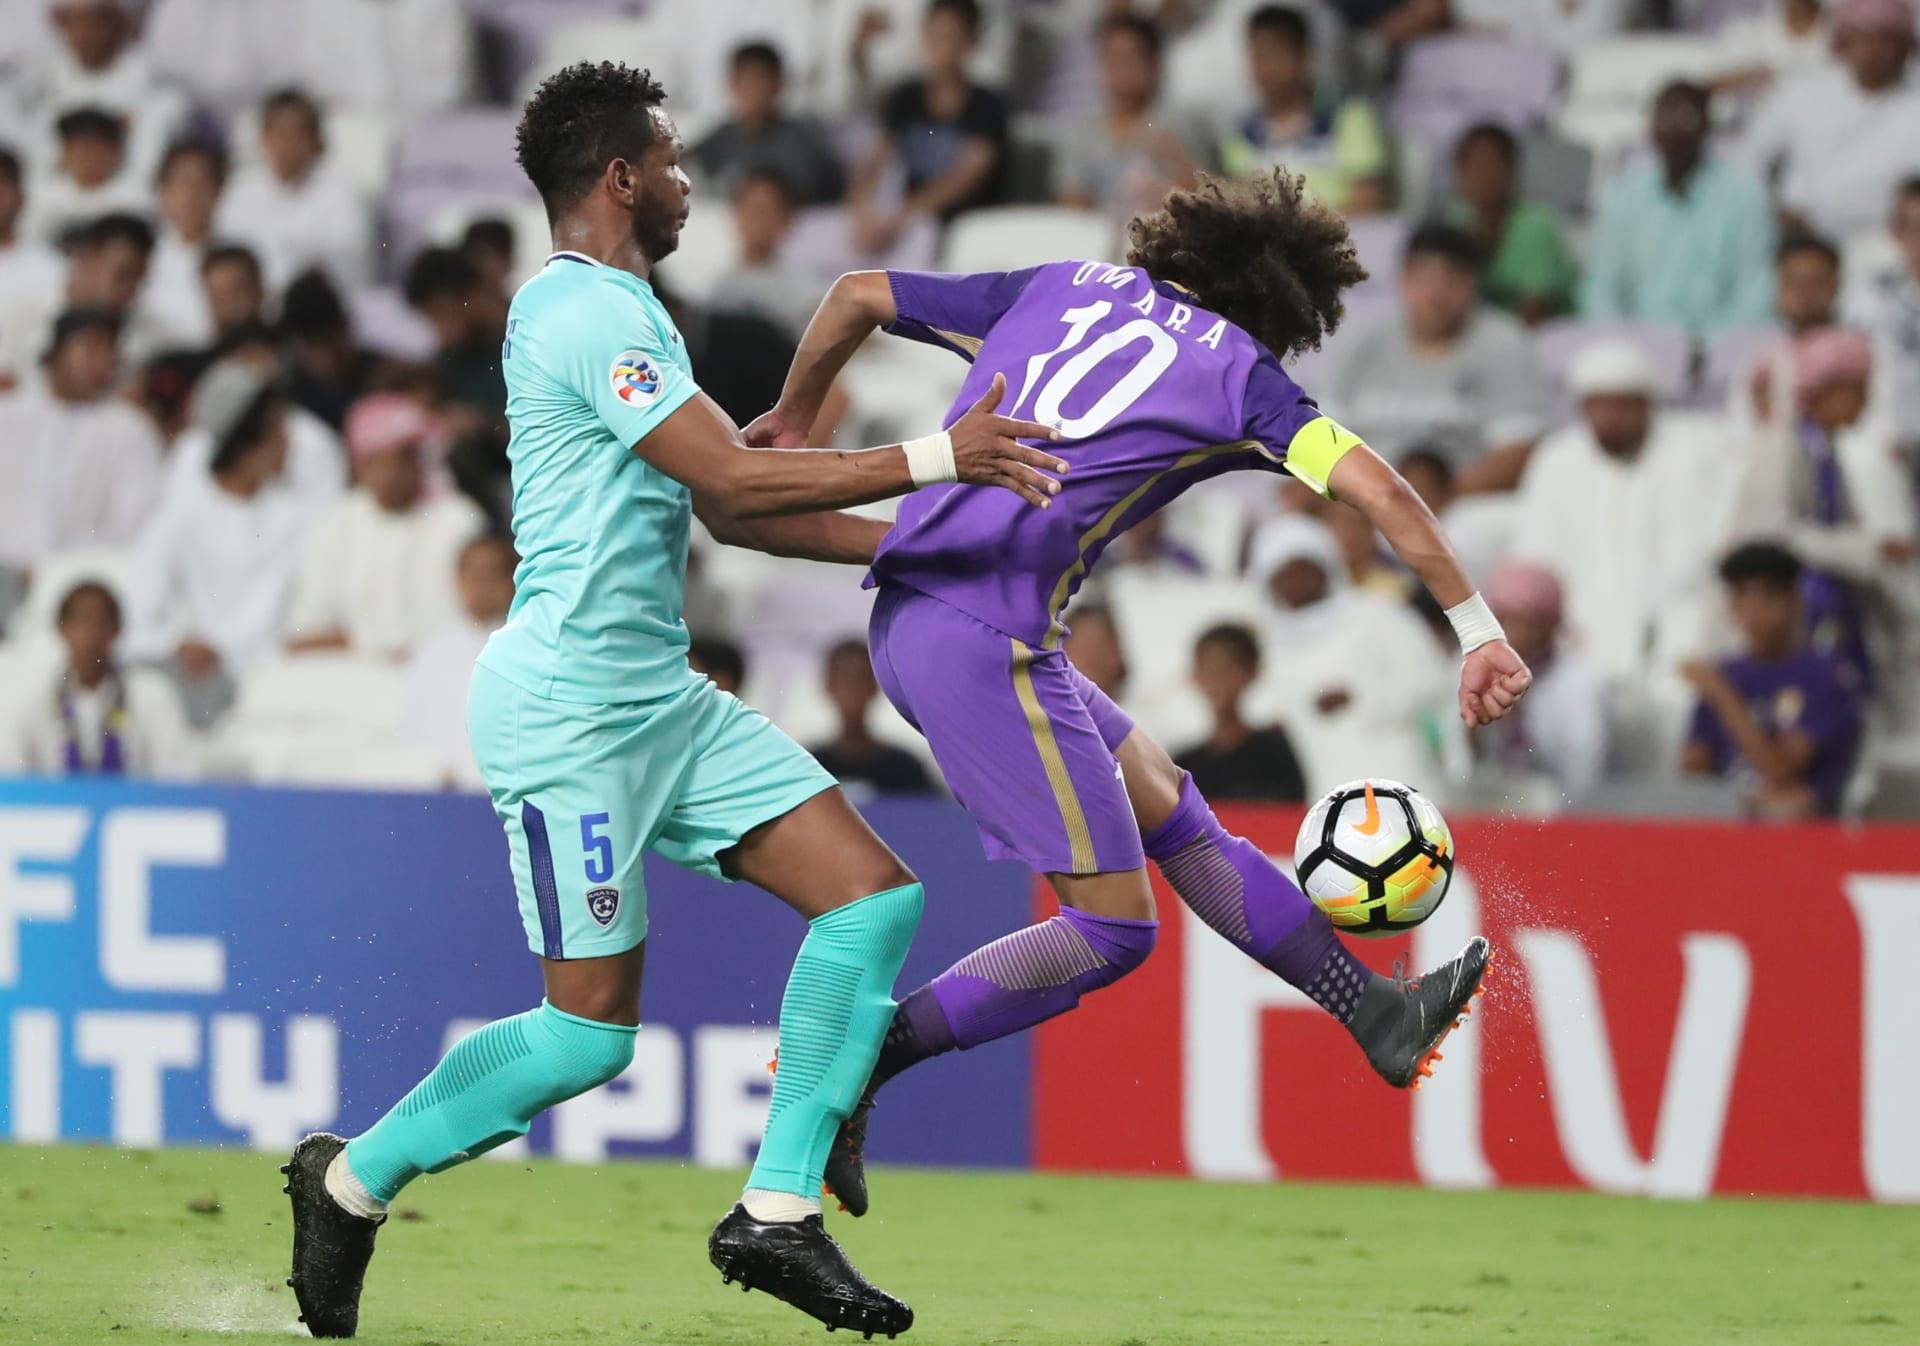 الهلال يودع أبطال آسيا من دور المجموعات للمرة الأولى منذ 12 عاما